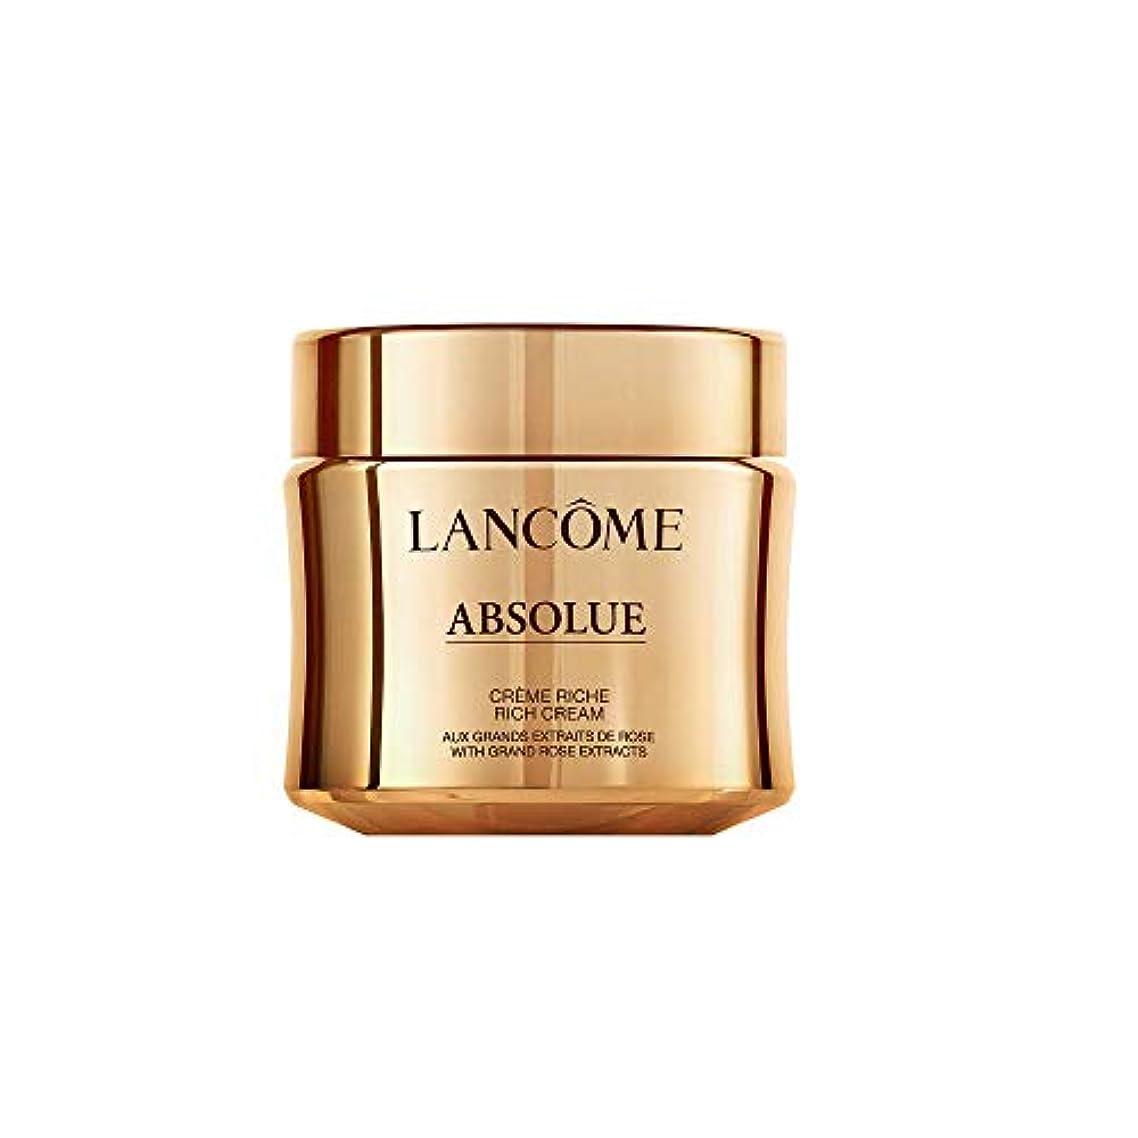 スキャンダラスフォーカス遺伝子Lancome Absolue Rich Cream ランコム アプソリュ リッチクリーム 60ml